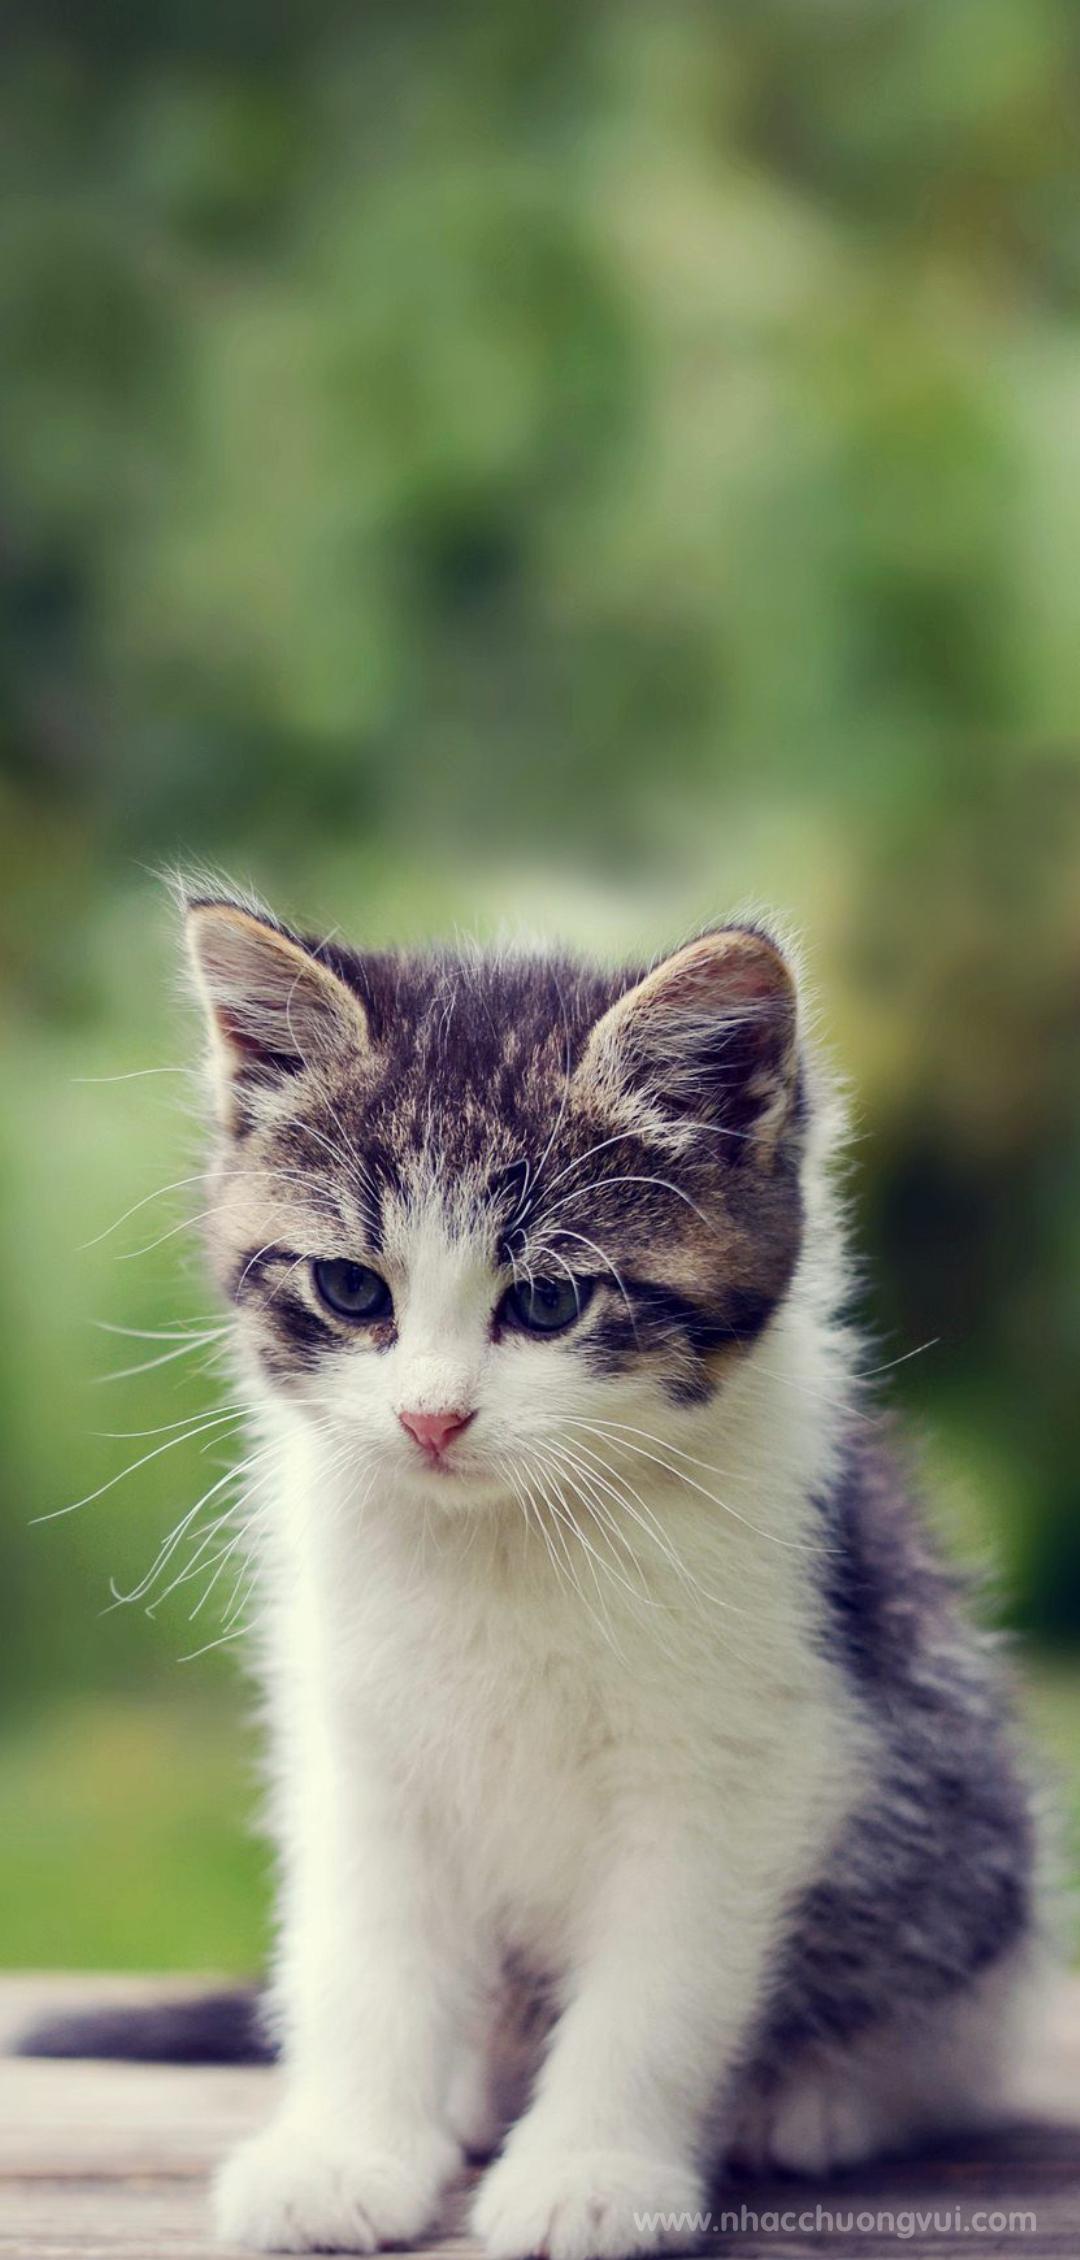 Hình nền mèo cho điện thoại dễ thương nhất 33